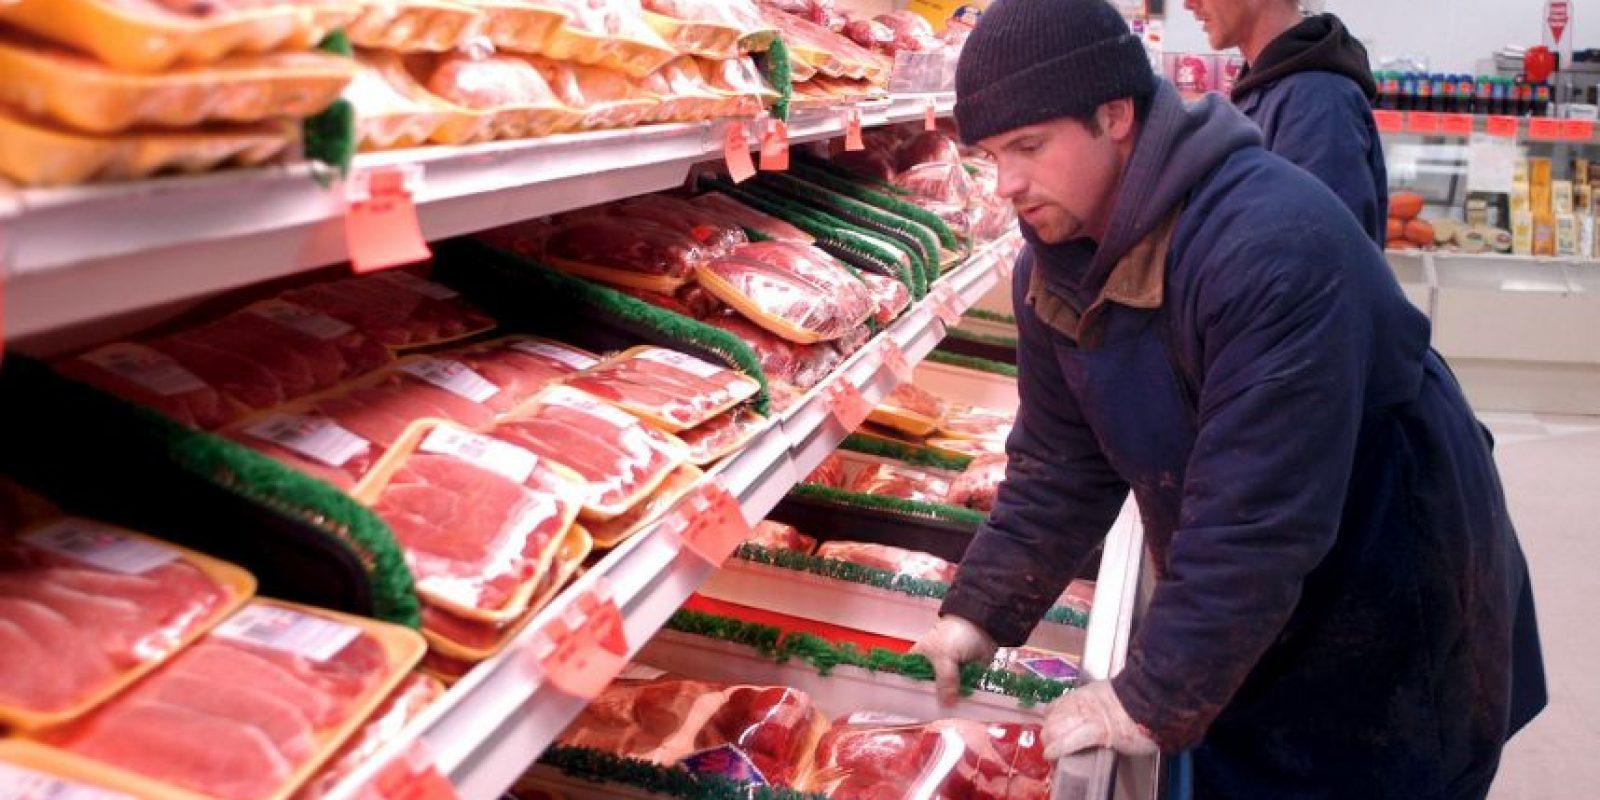 Los vegetarianos se sienten menos sanos que las personas que incluyen la carne en su dieta, afirma un estudio de la Universidad de Medicina de Graz, en Austria. Foto:Getty Images